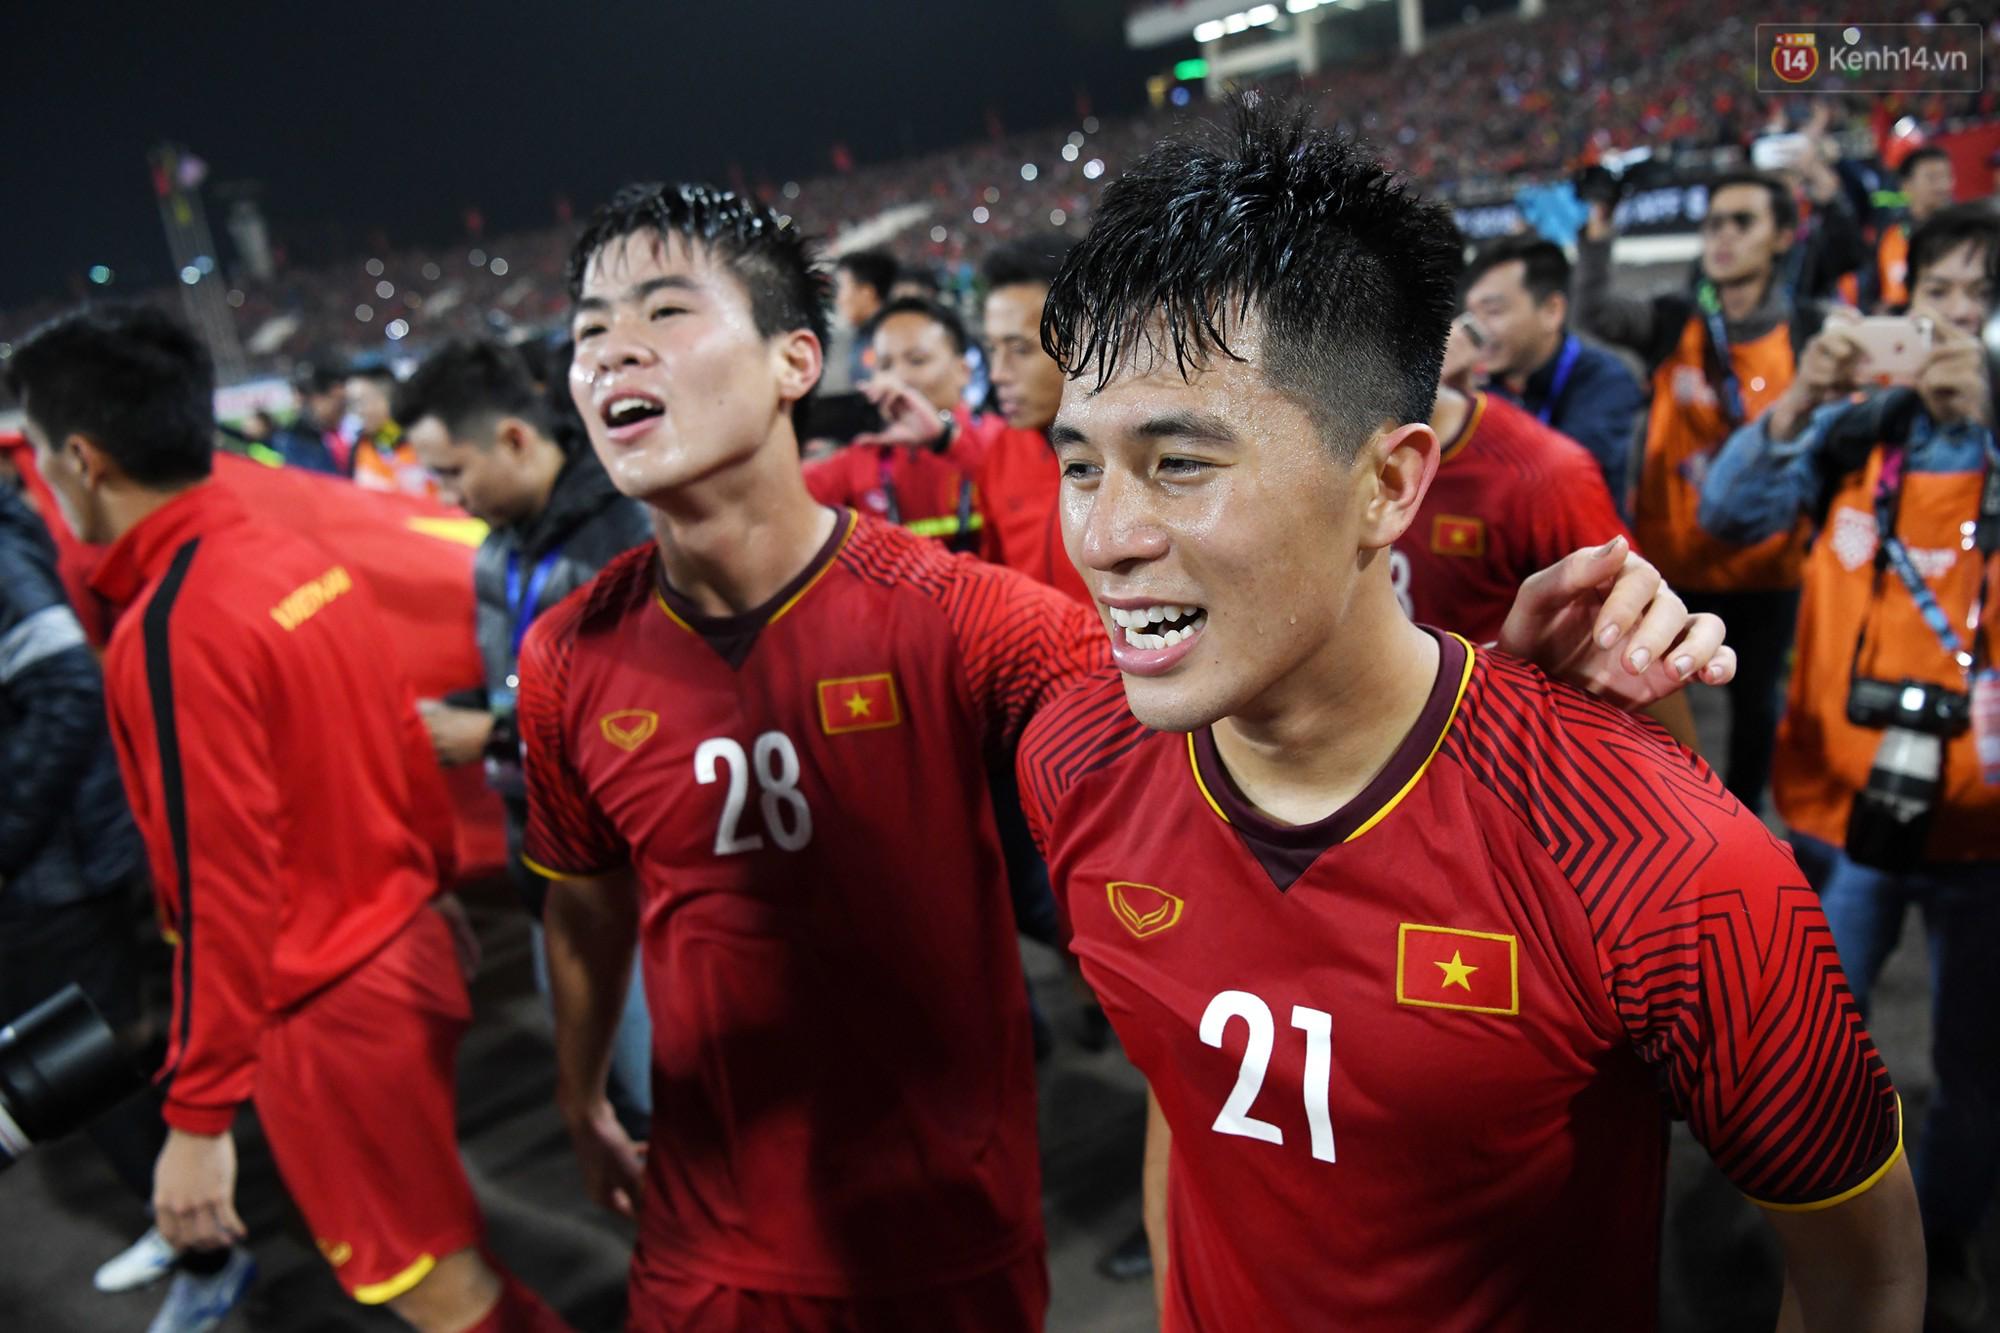 Hà Nội Fc: Hà Nội FC Lọt Top Những CLB đóng Góp Nhiều Cầu Thủ Nhất